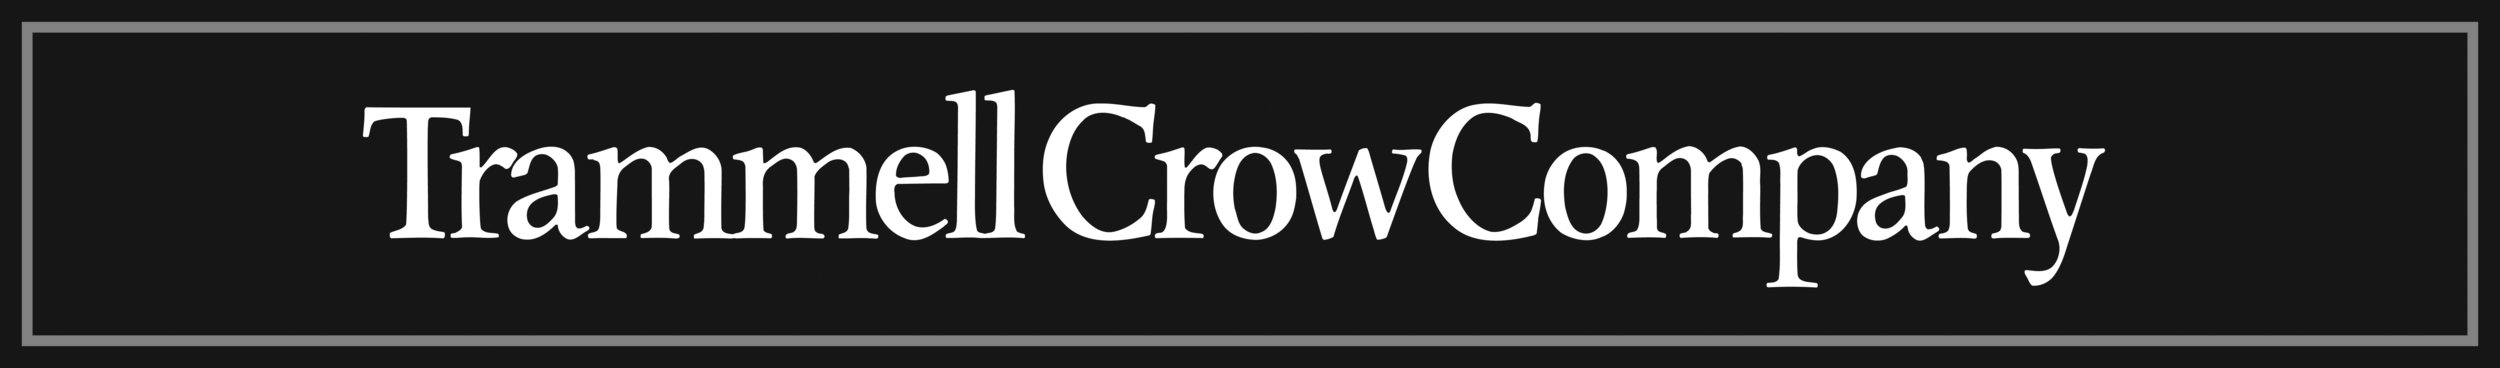 Trammell Crow Logo.jpg